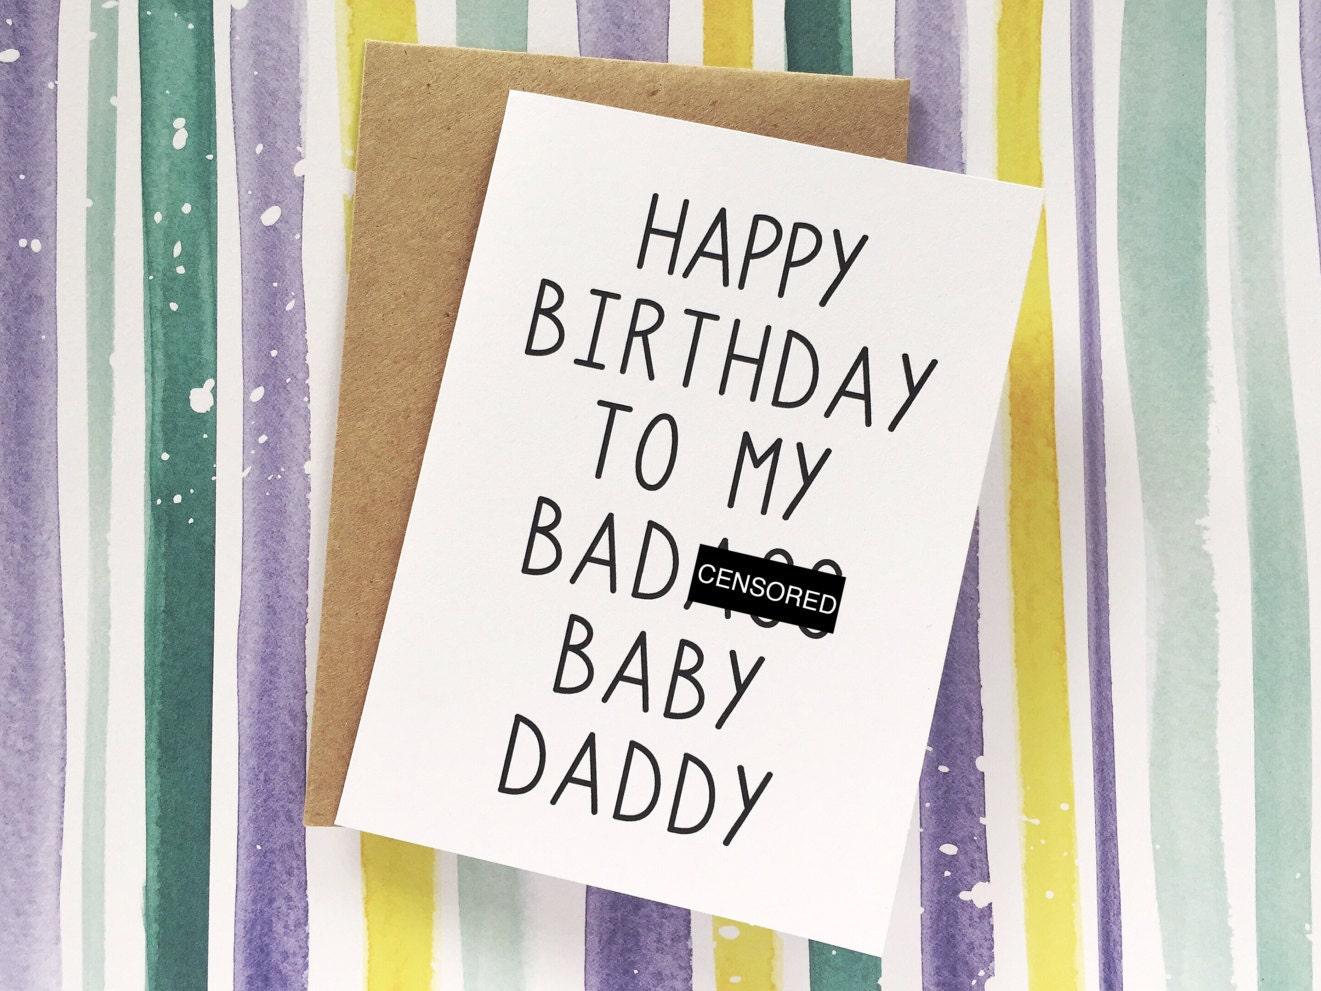 Funny Baby Daddy Card Husband Birthday Card Happy BIRTHDAY – Birthday Greetings for Husband and Father